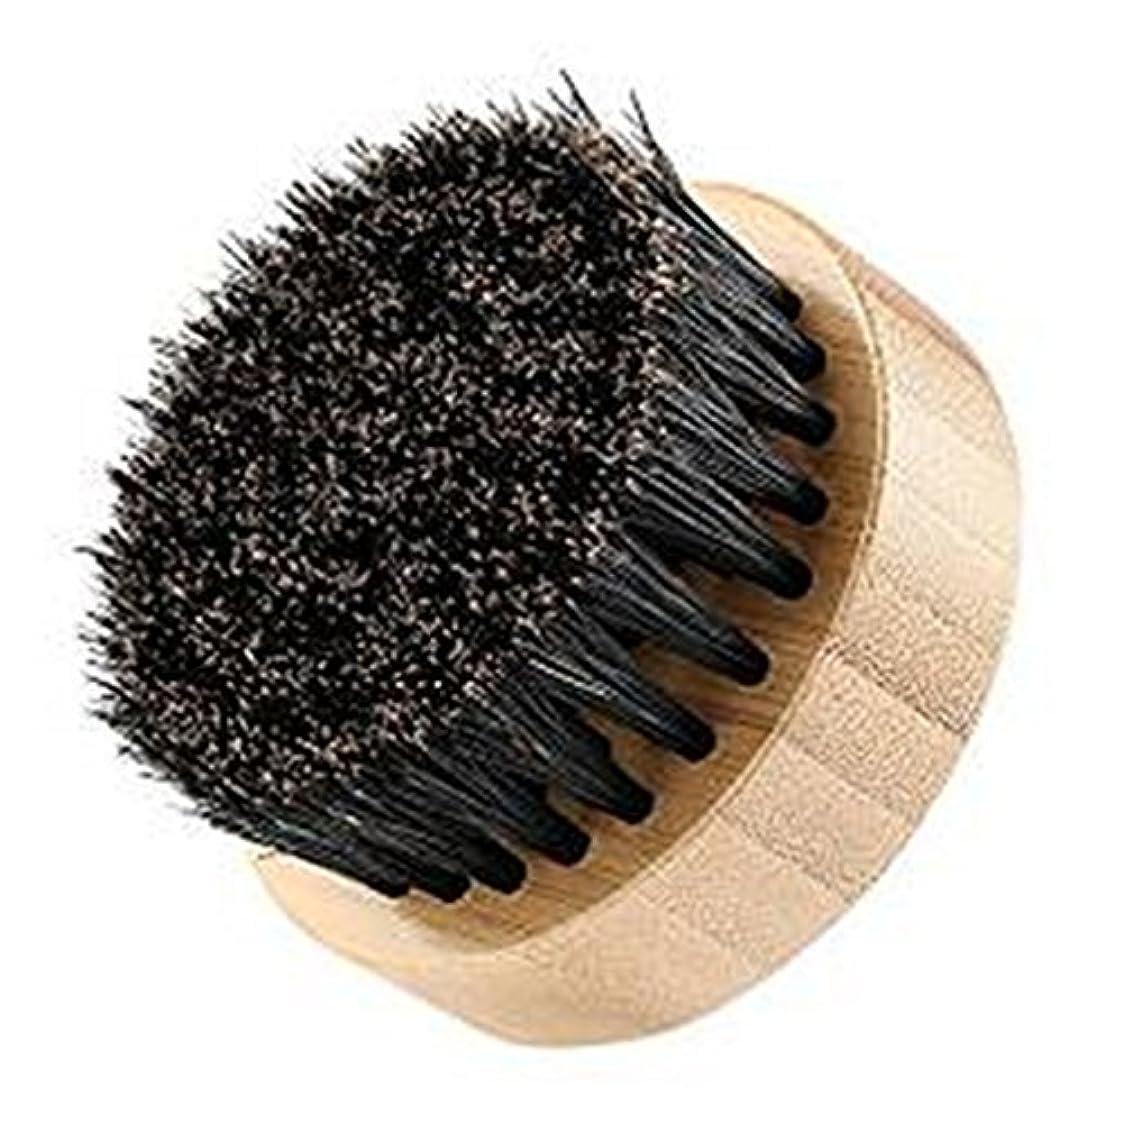 赤字ポジション早めるLUXWELL(ラクスウェル) ブラシ 100% 豚毛ブラシ 天然木 髭ブラシ FH-130